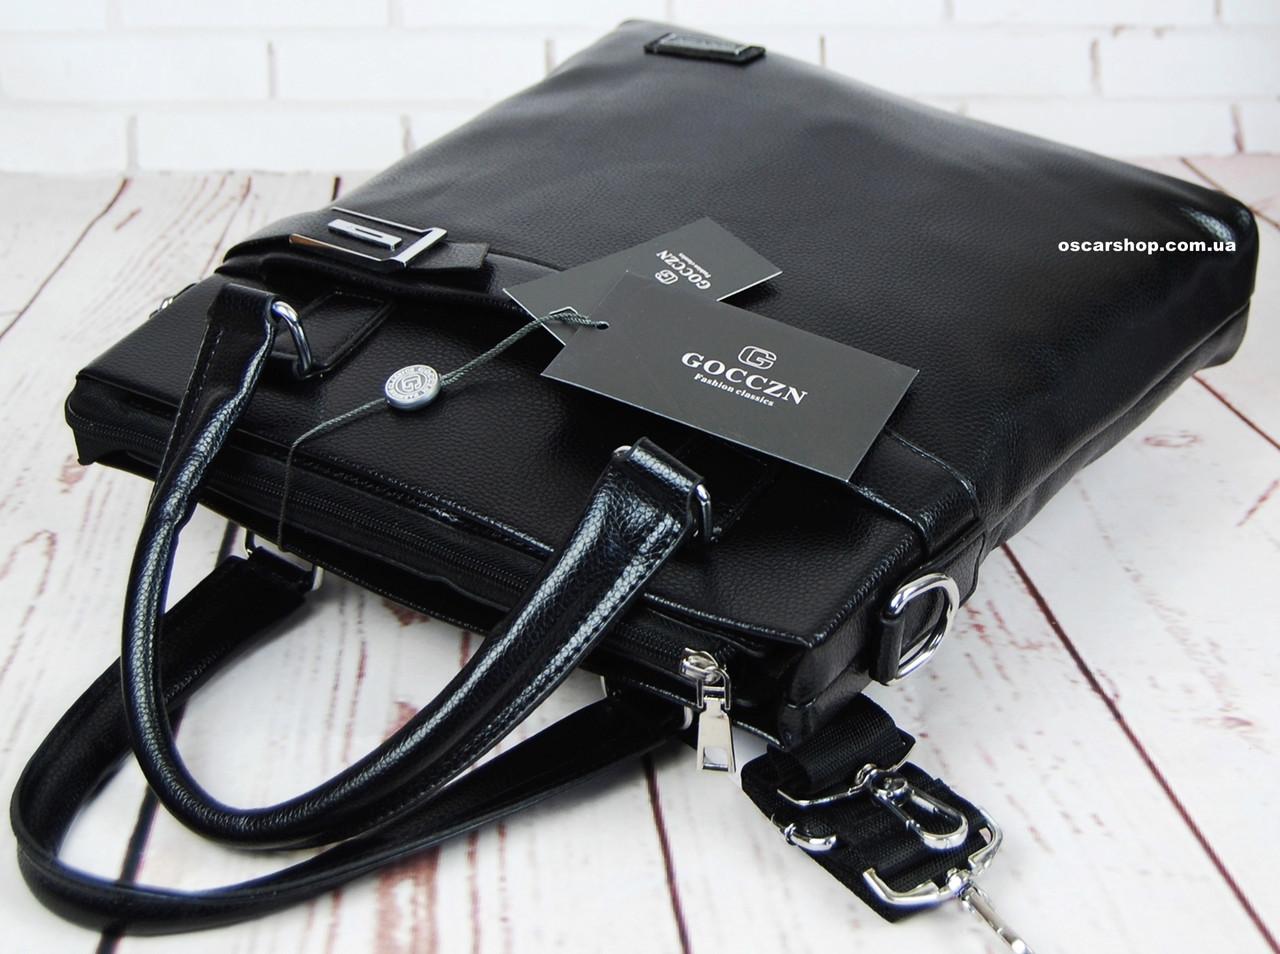 cb14d1256203 Кожаная мужская сумка планшет для документов А-4. Сумка портфель под  нетбук. СП12